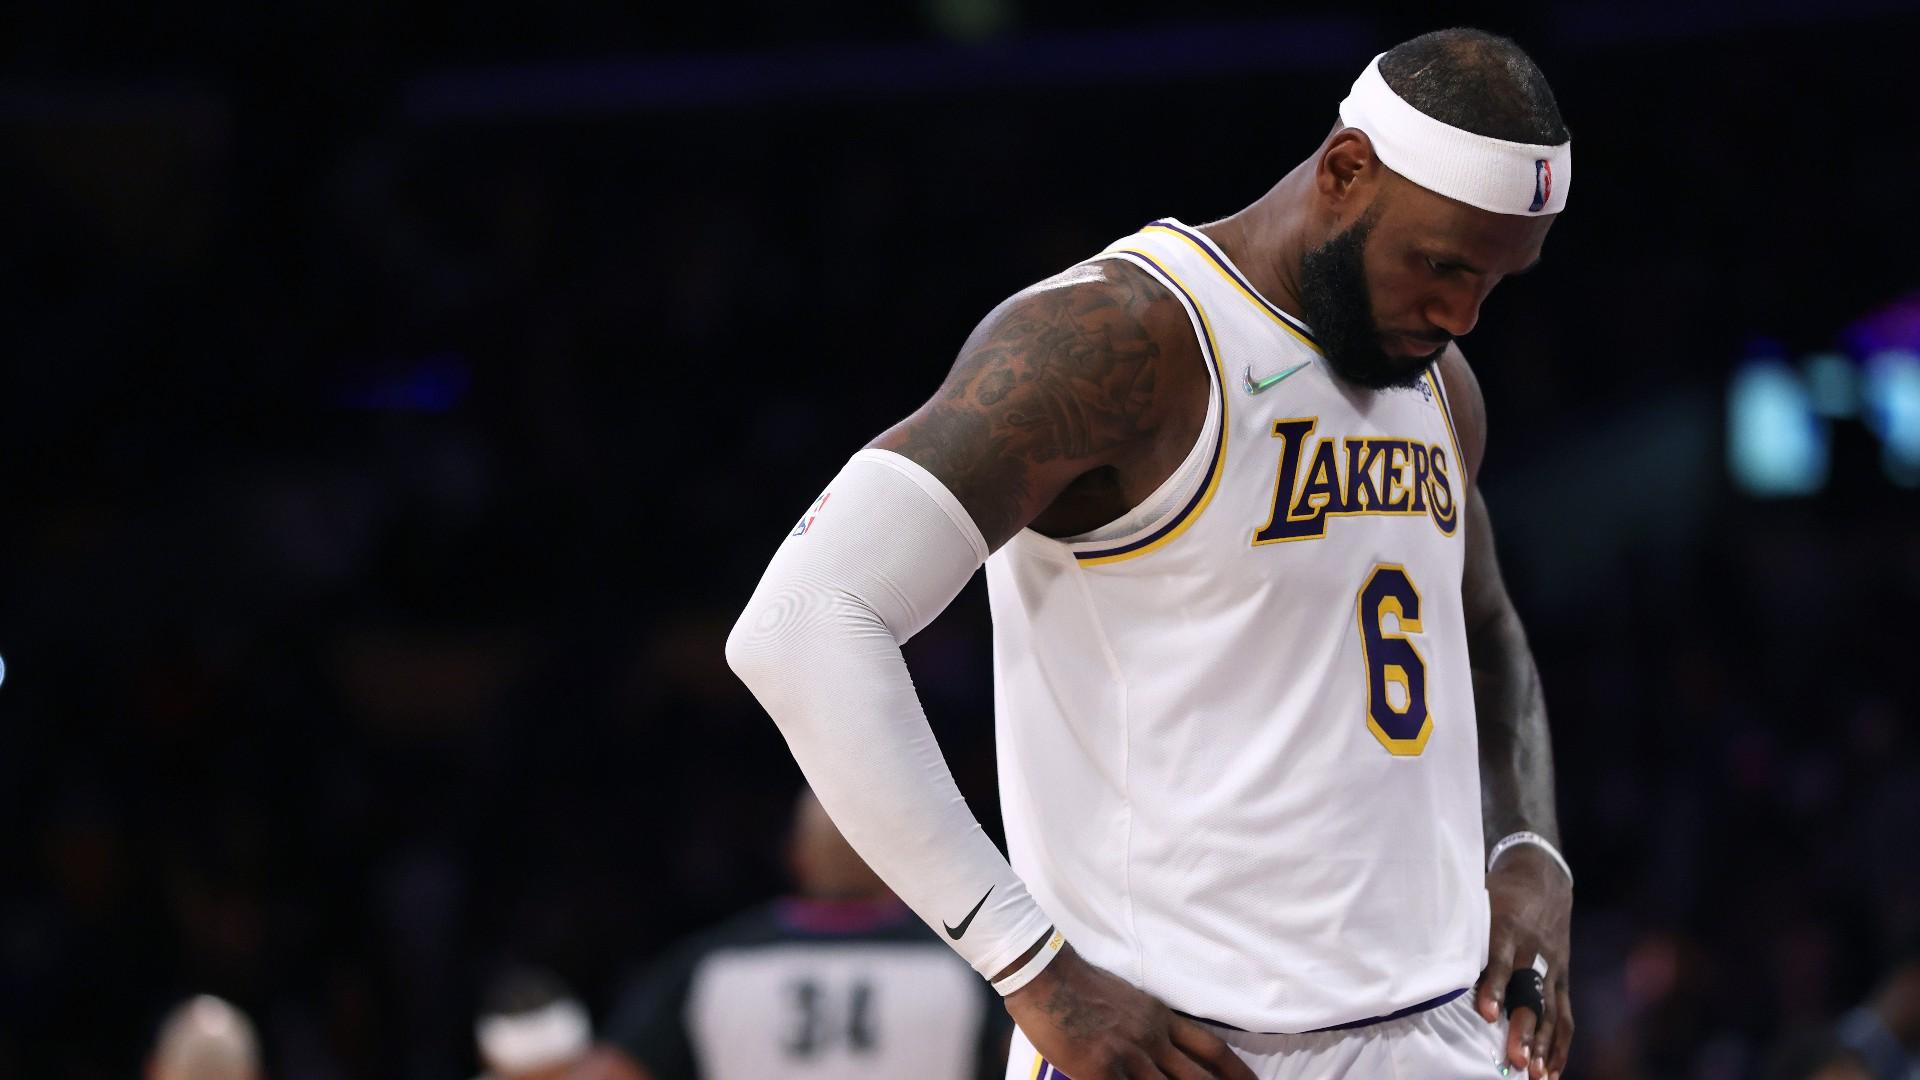 LeBron James injury update: Lakers to take 'marathon' approach to regular season